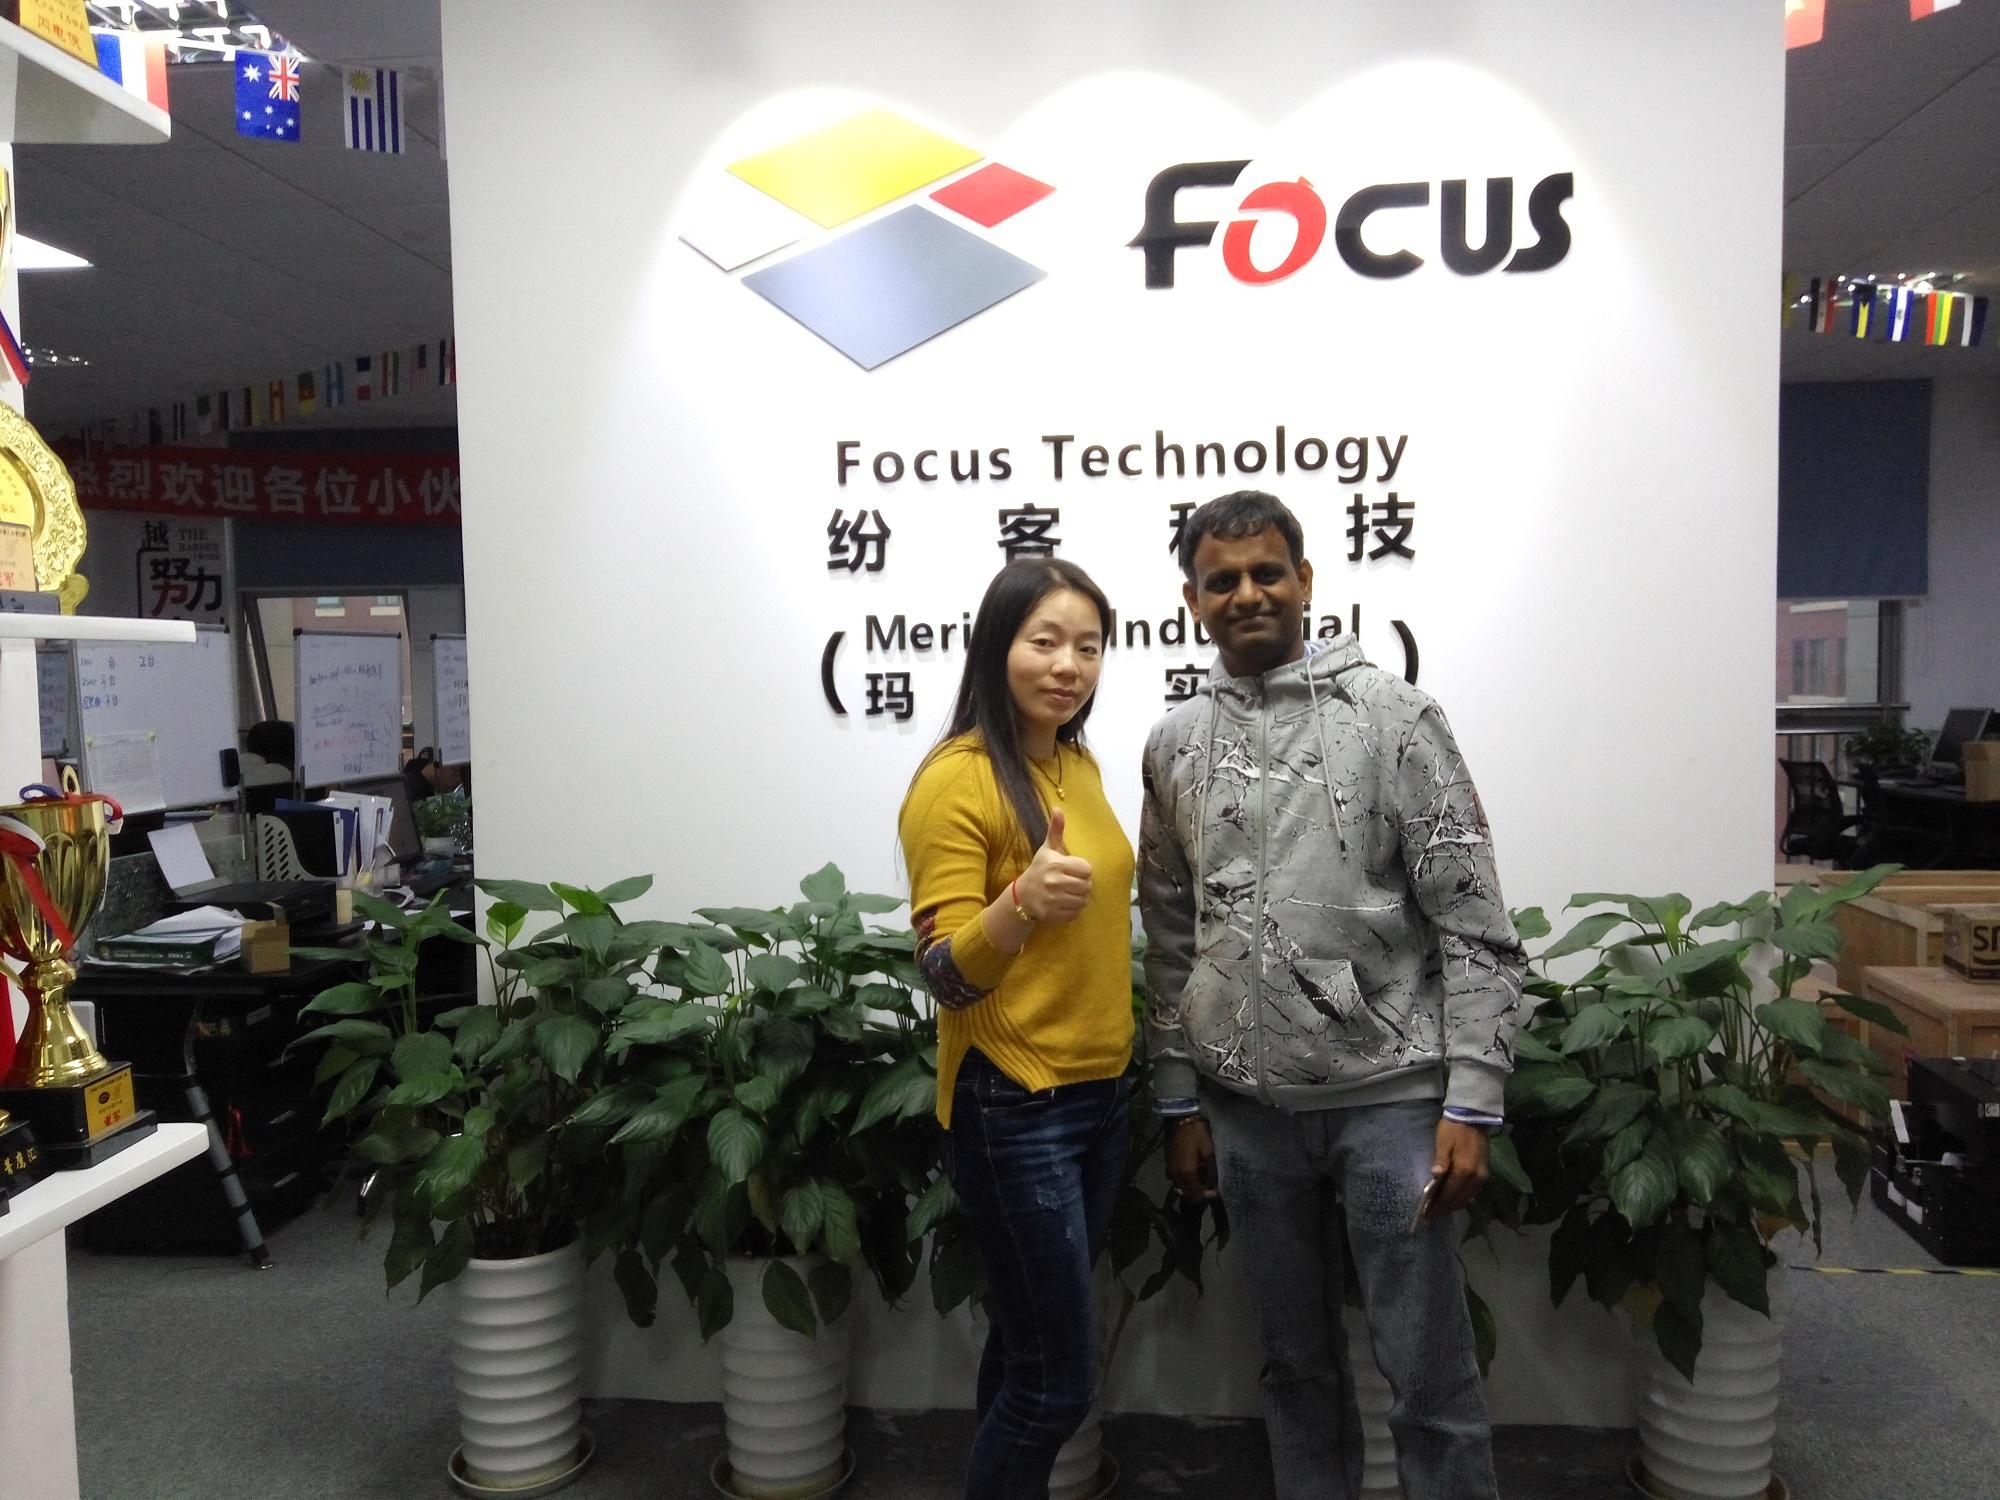 Fokus Digitale DTG Drucker und UV-Drucker Interview von Kunden